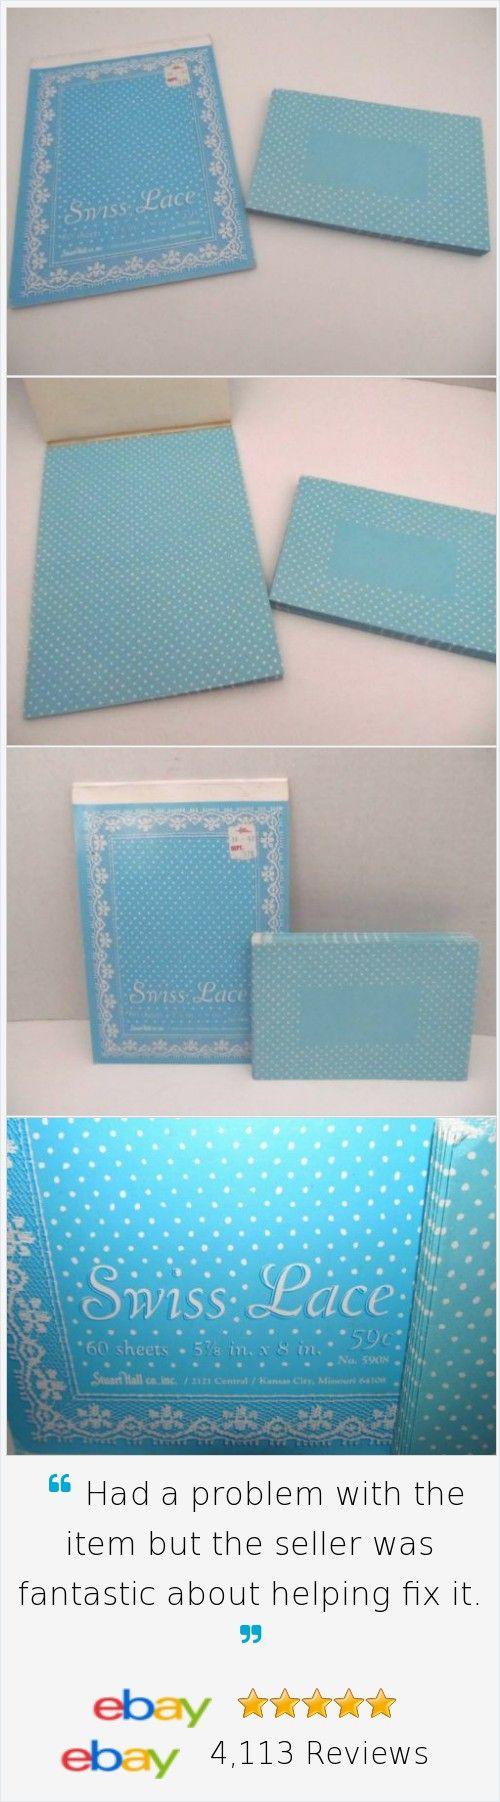 Vintage Stuart Hall Swiss Lace Stationery Set Tablet & Envelopes Pre Owned Blue